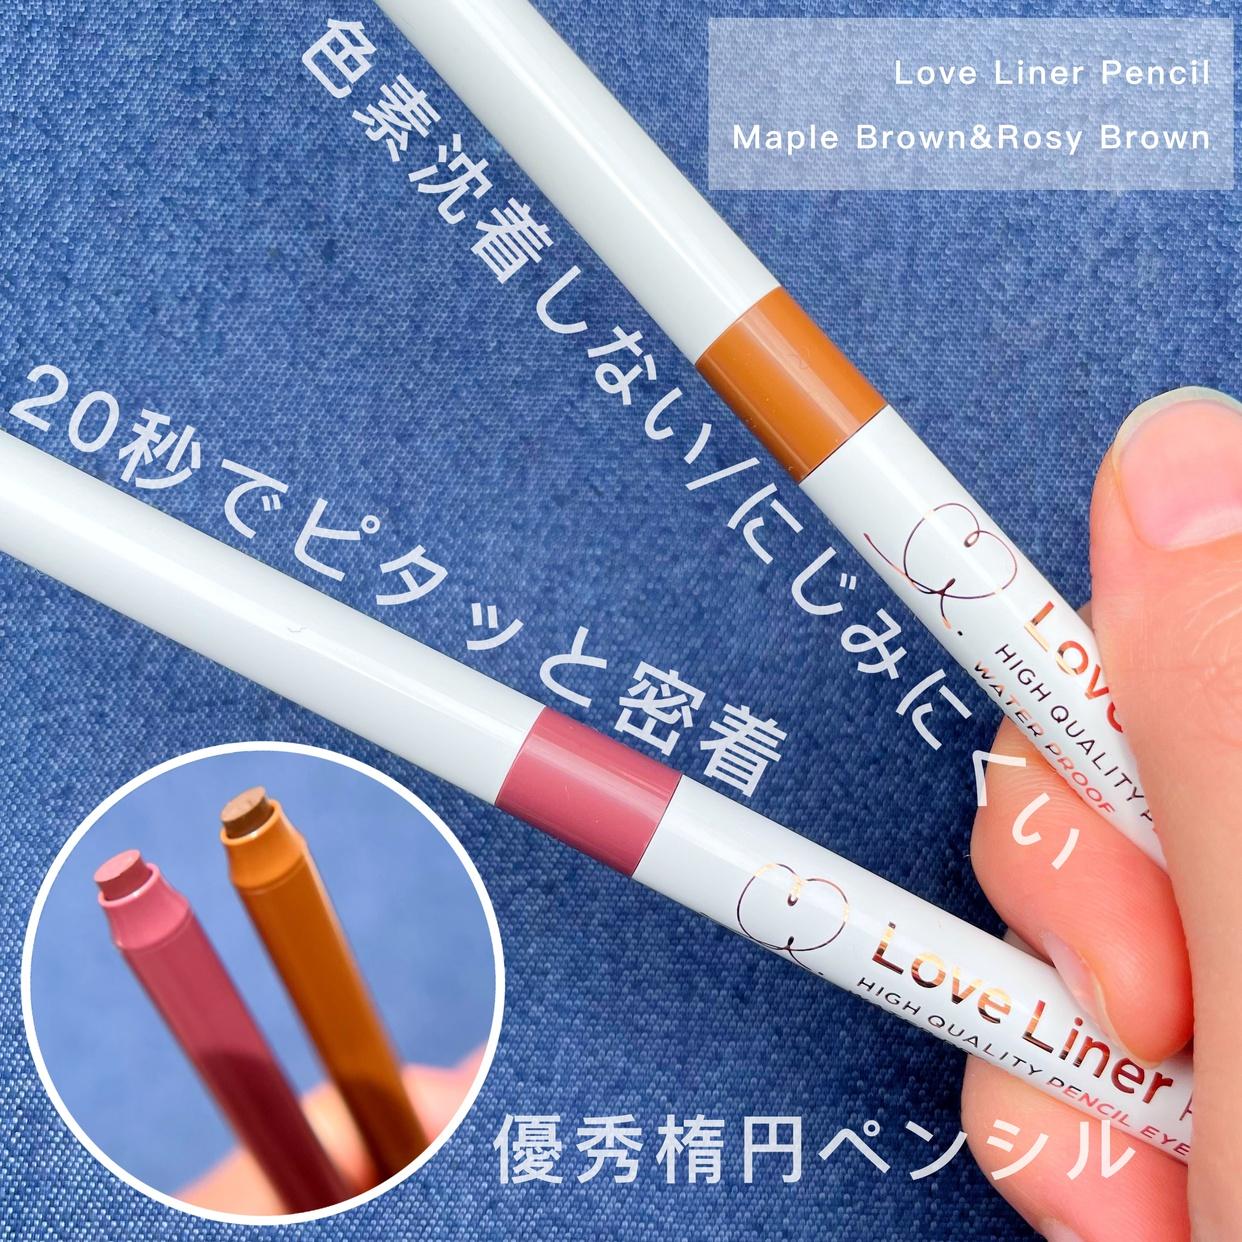 Love Liner(ラブ・ライナー) クリームフィットペンシルの良い点・メリットに関するKeiさんの口コミ画像1